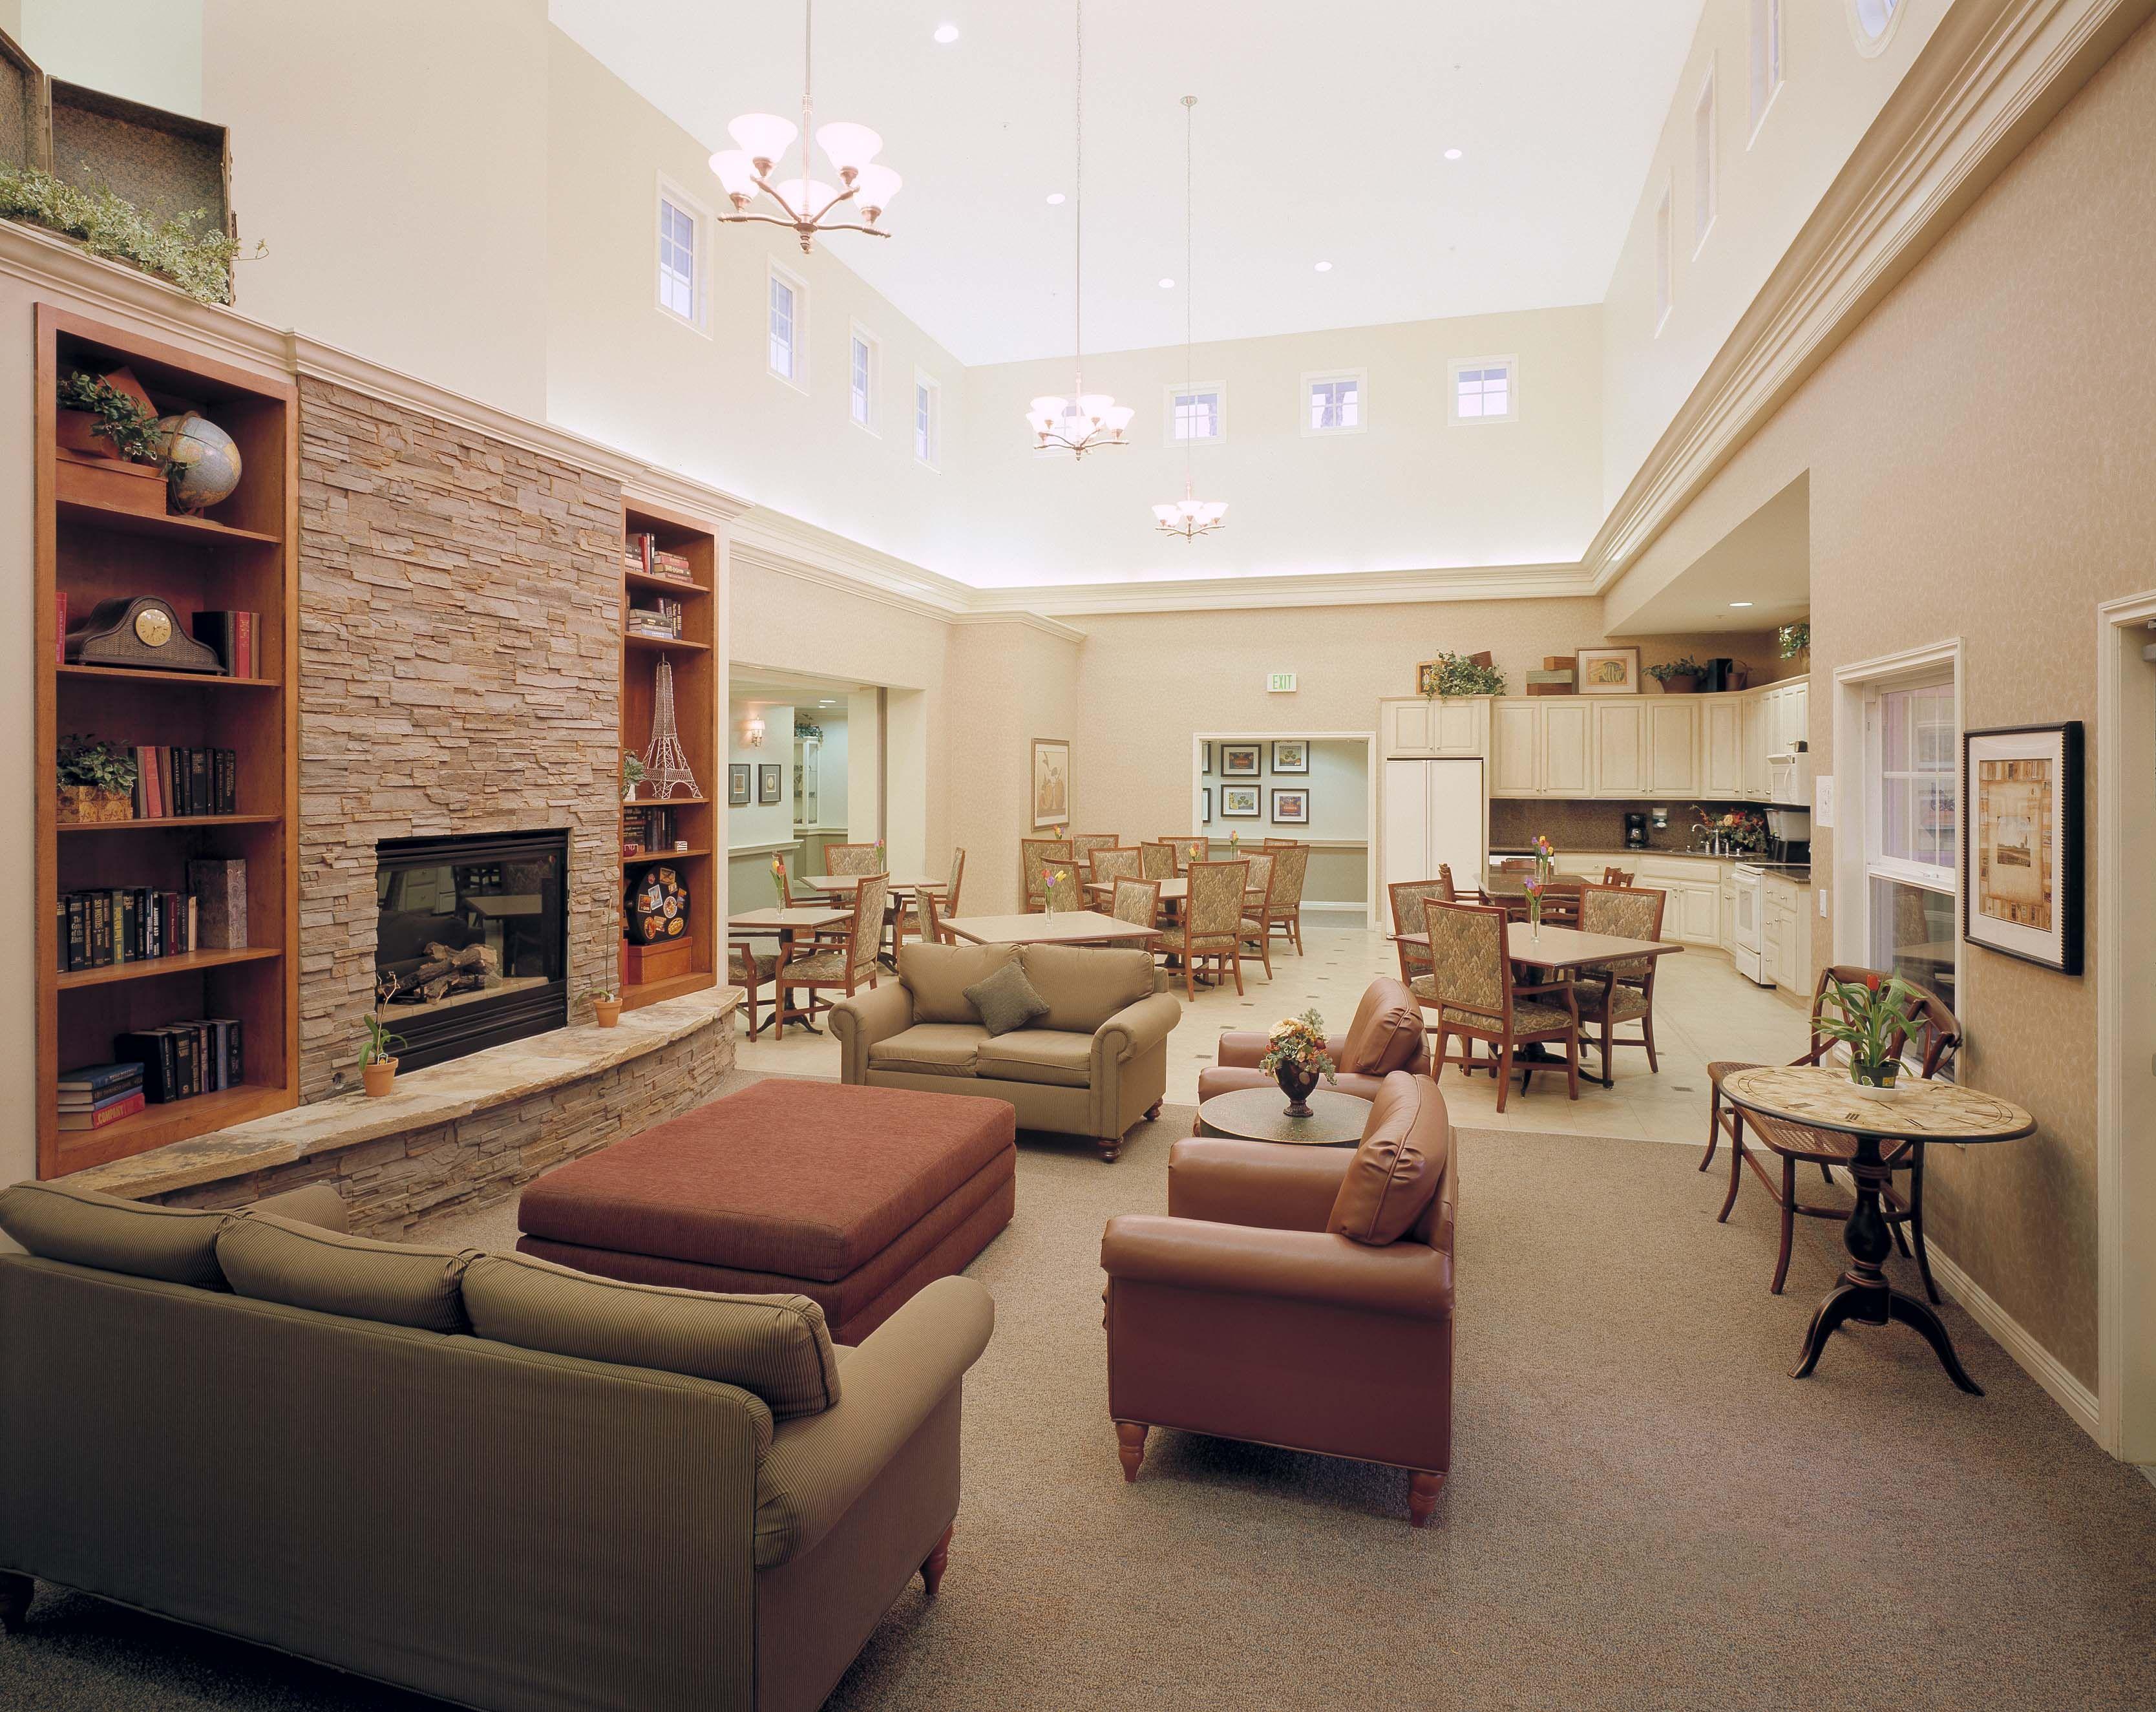 Memory Care Facility Architecture Design Projects Architect Architecture Design Assisted Living